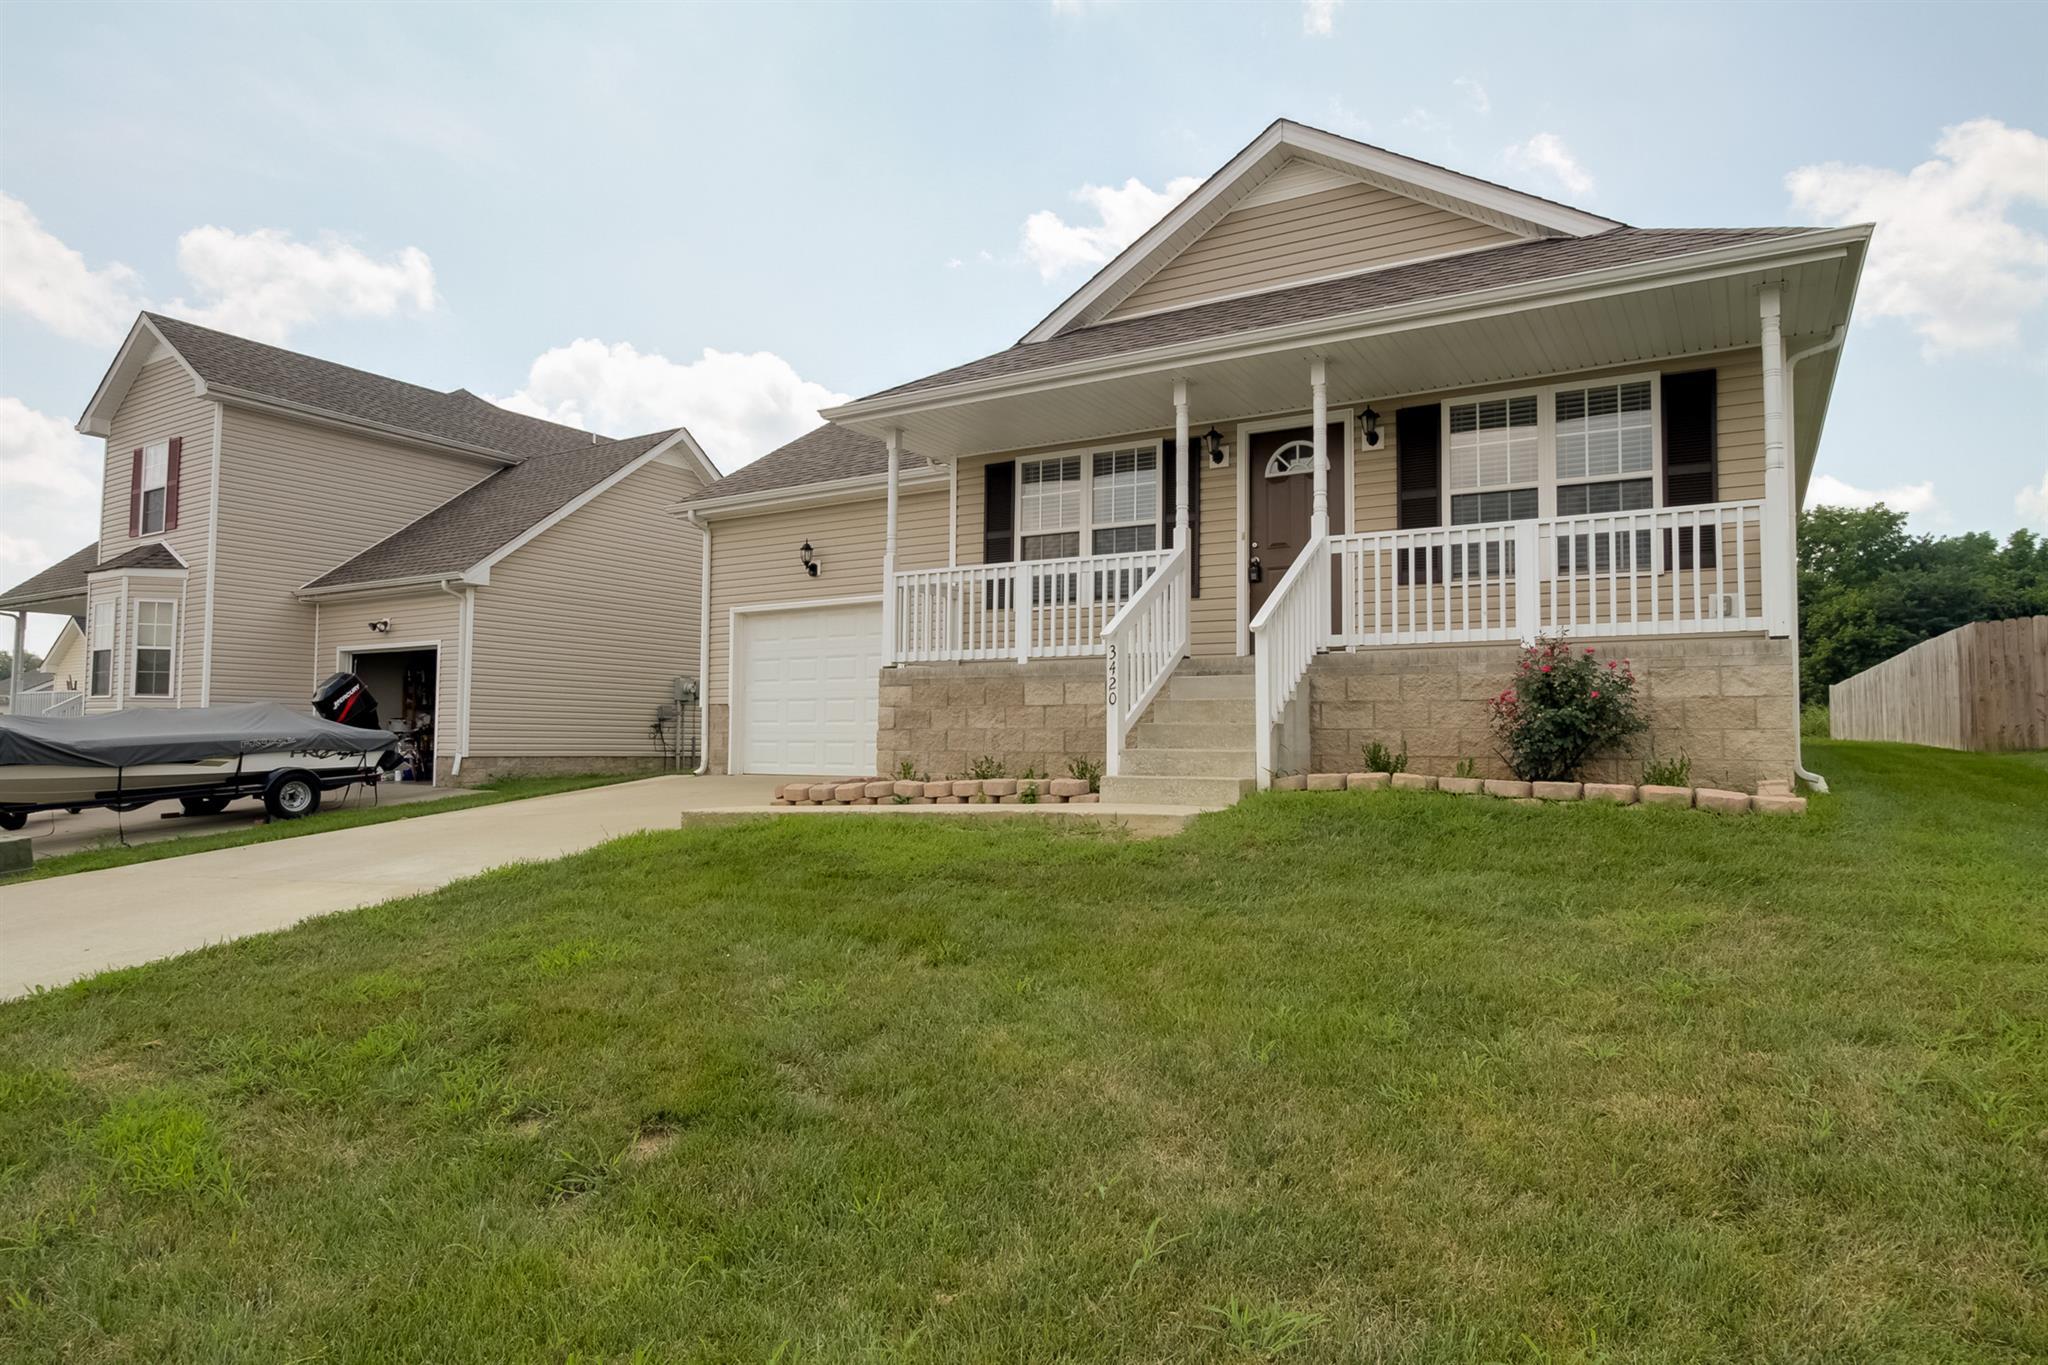 3420 Fox Meadow Way, Clarksville, TN 37042